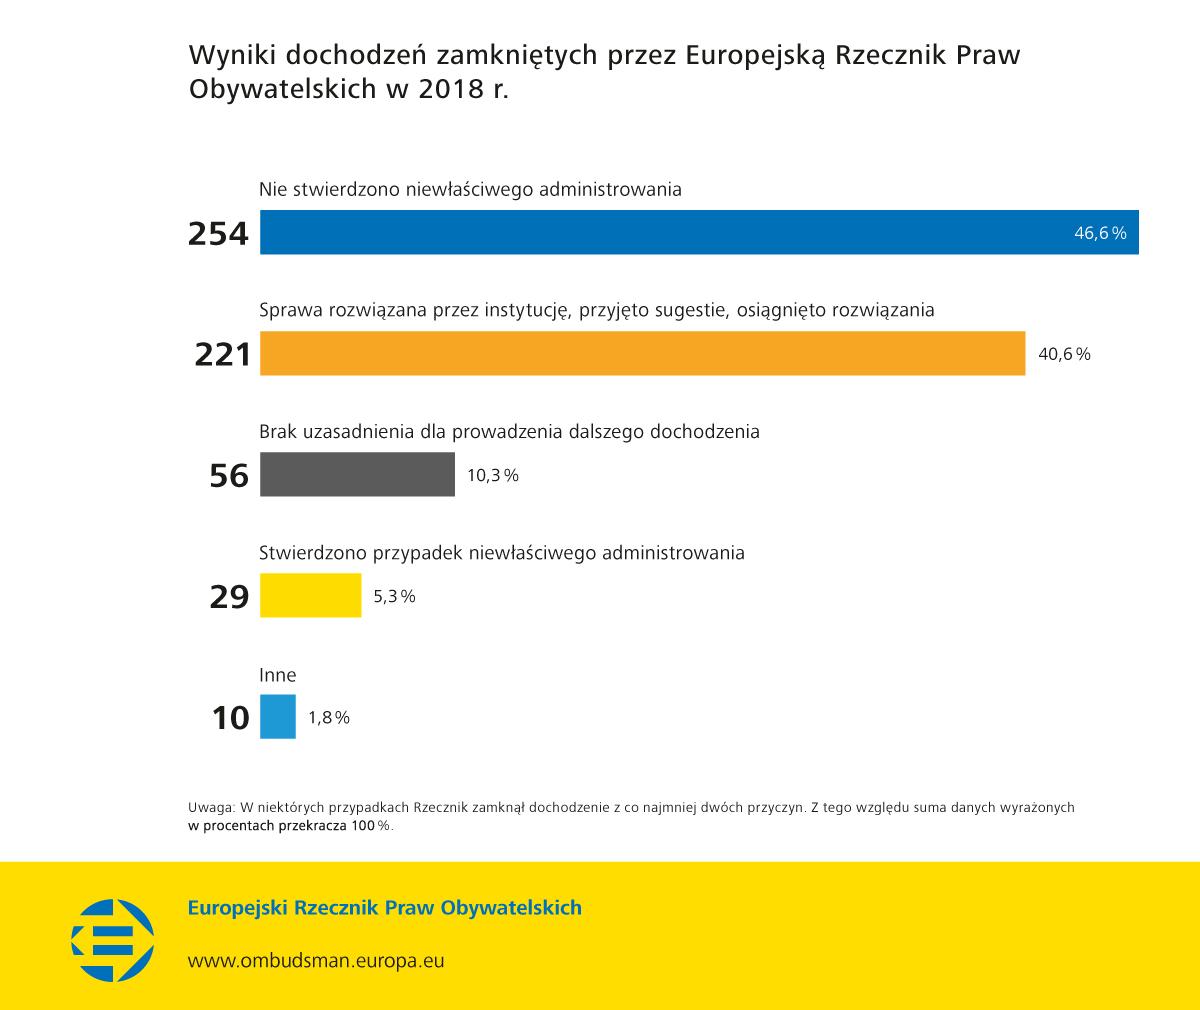 Wyniki dochodzeń zamkniętych przez Europejską Rzecznik Praw Obywatelskich w 2018 r.